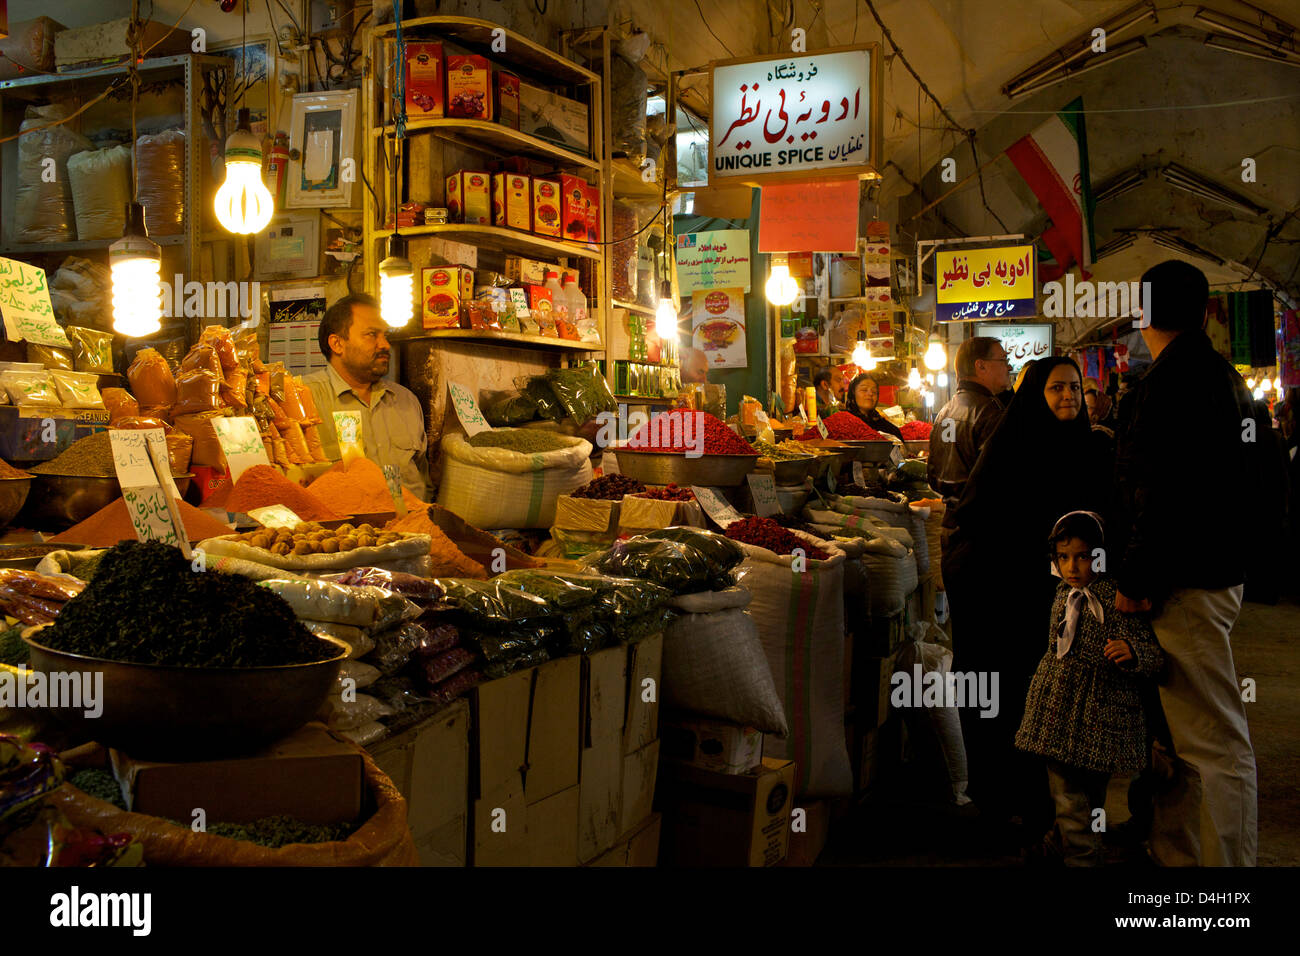 En el interior de las galerías del Gran Bazar de Isfahán, Irán, Oriente Medio Imagen De Stock